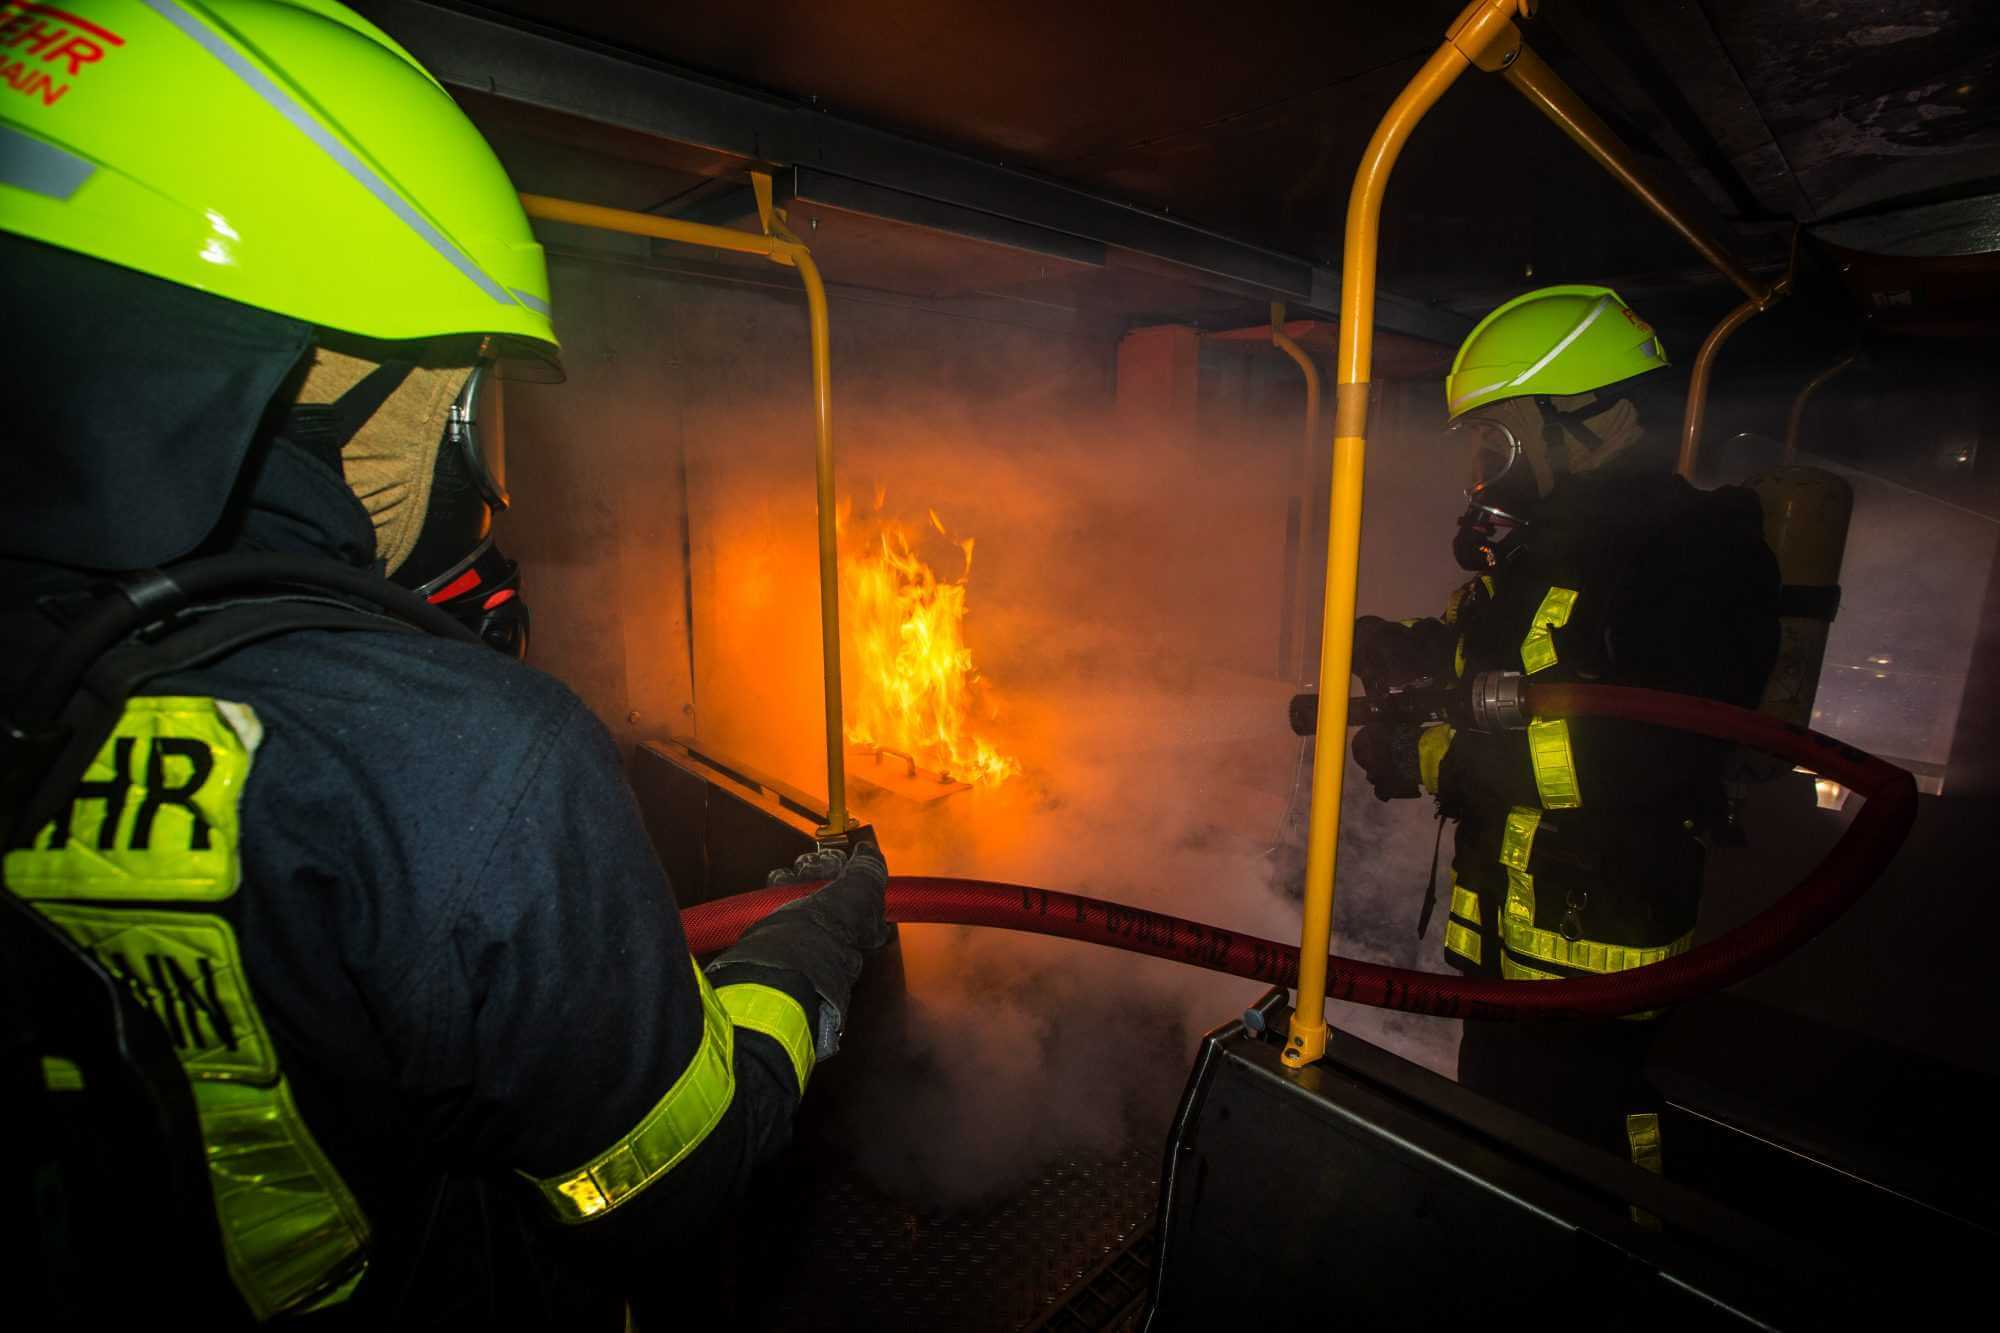 Einsatzkräfte der Feuerwehr Frankfurt